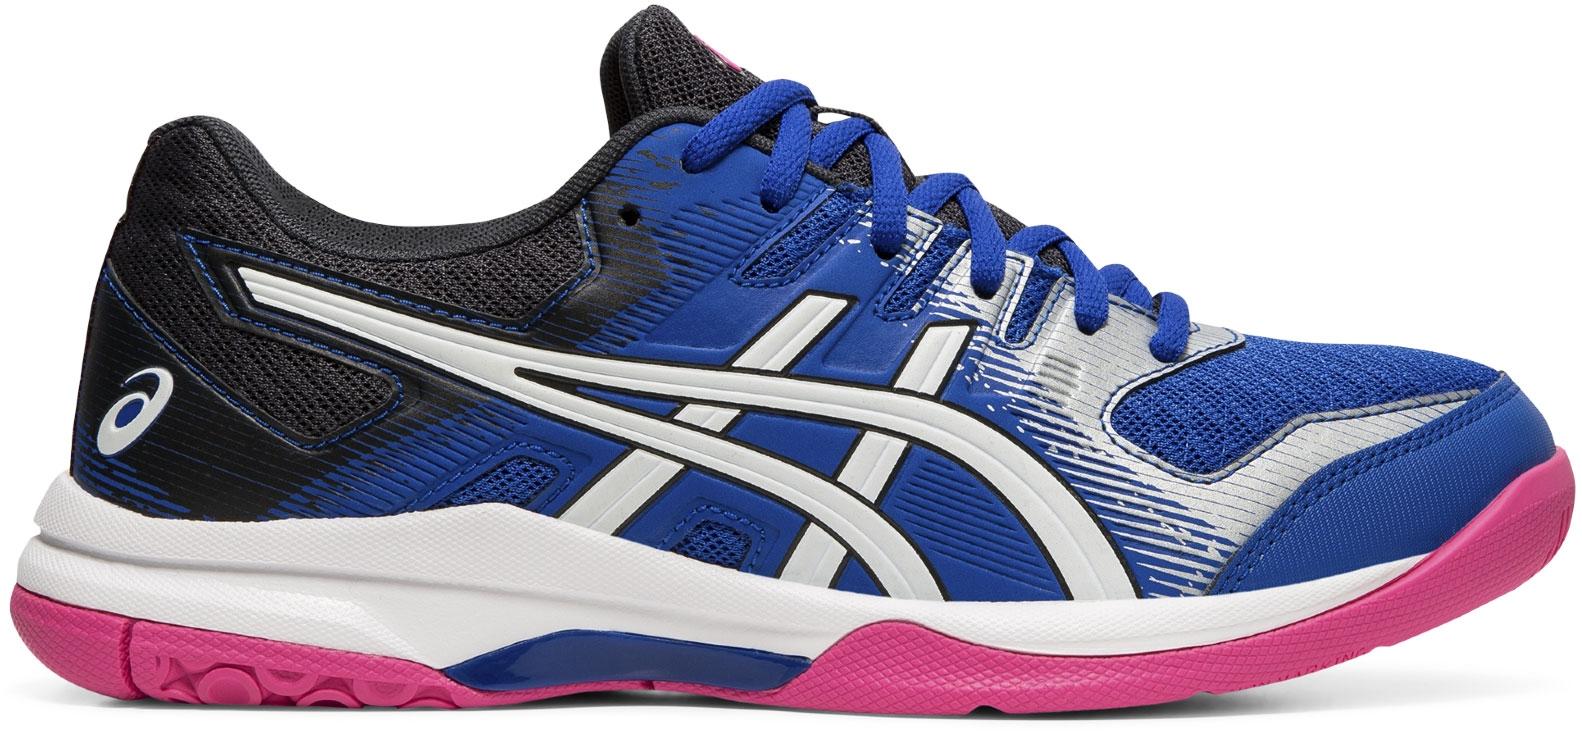 Asics Squash-/badmintonschoenen Asics Gel Rocket 9 dames online kopen